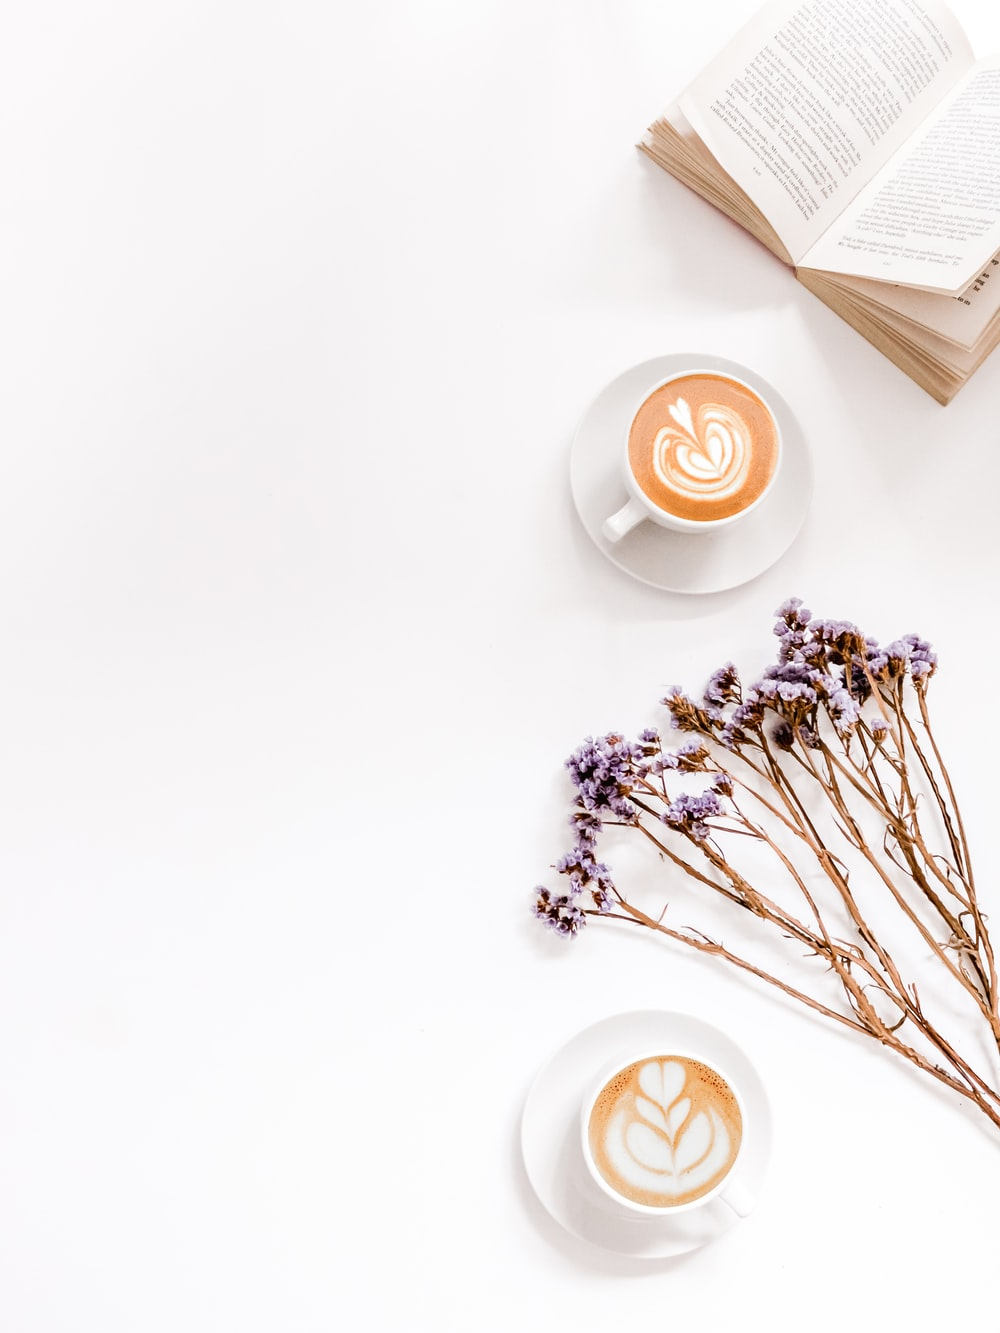 book beside coffee latte